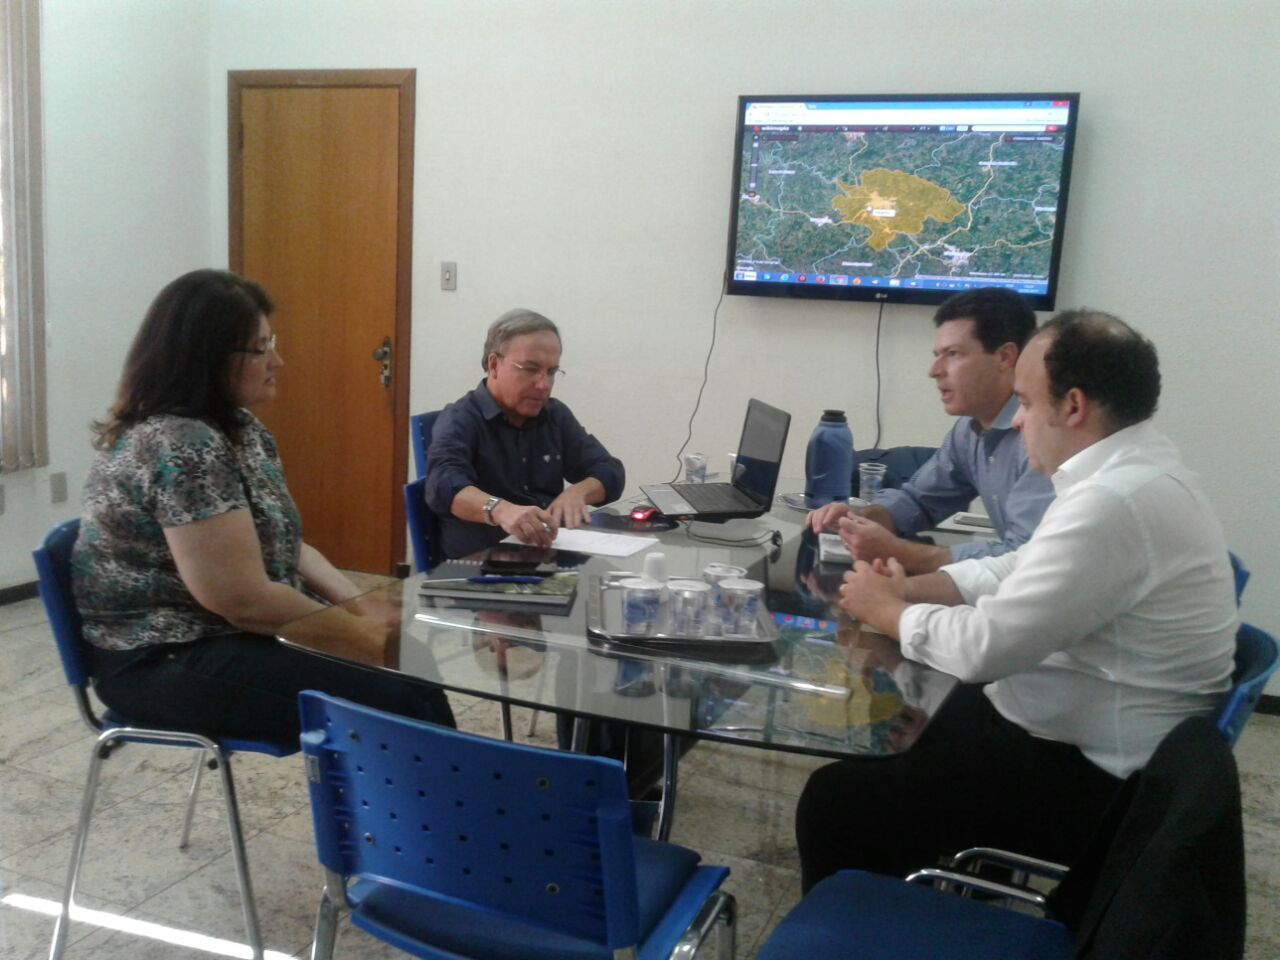 . Estiveram reunidos no na Prefeitura de Varginha,  o Diretor Presidente da MYR projetos sustentáveis, o arquiteto e urbanista Sérgio Myssior, e o Secretário Municipal de Planejamento Pedro Gazzola e sua equipe.